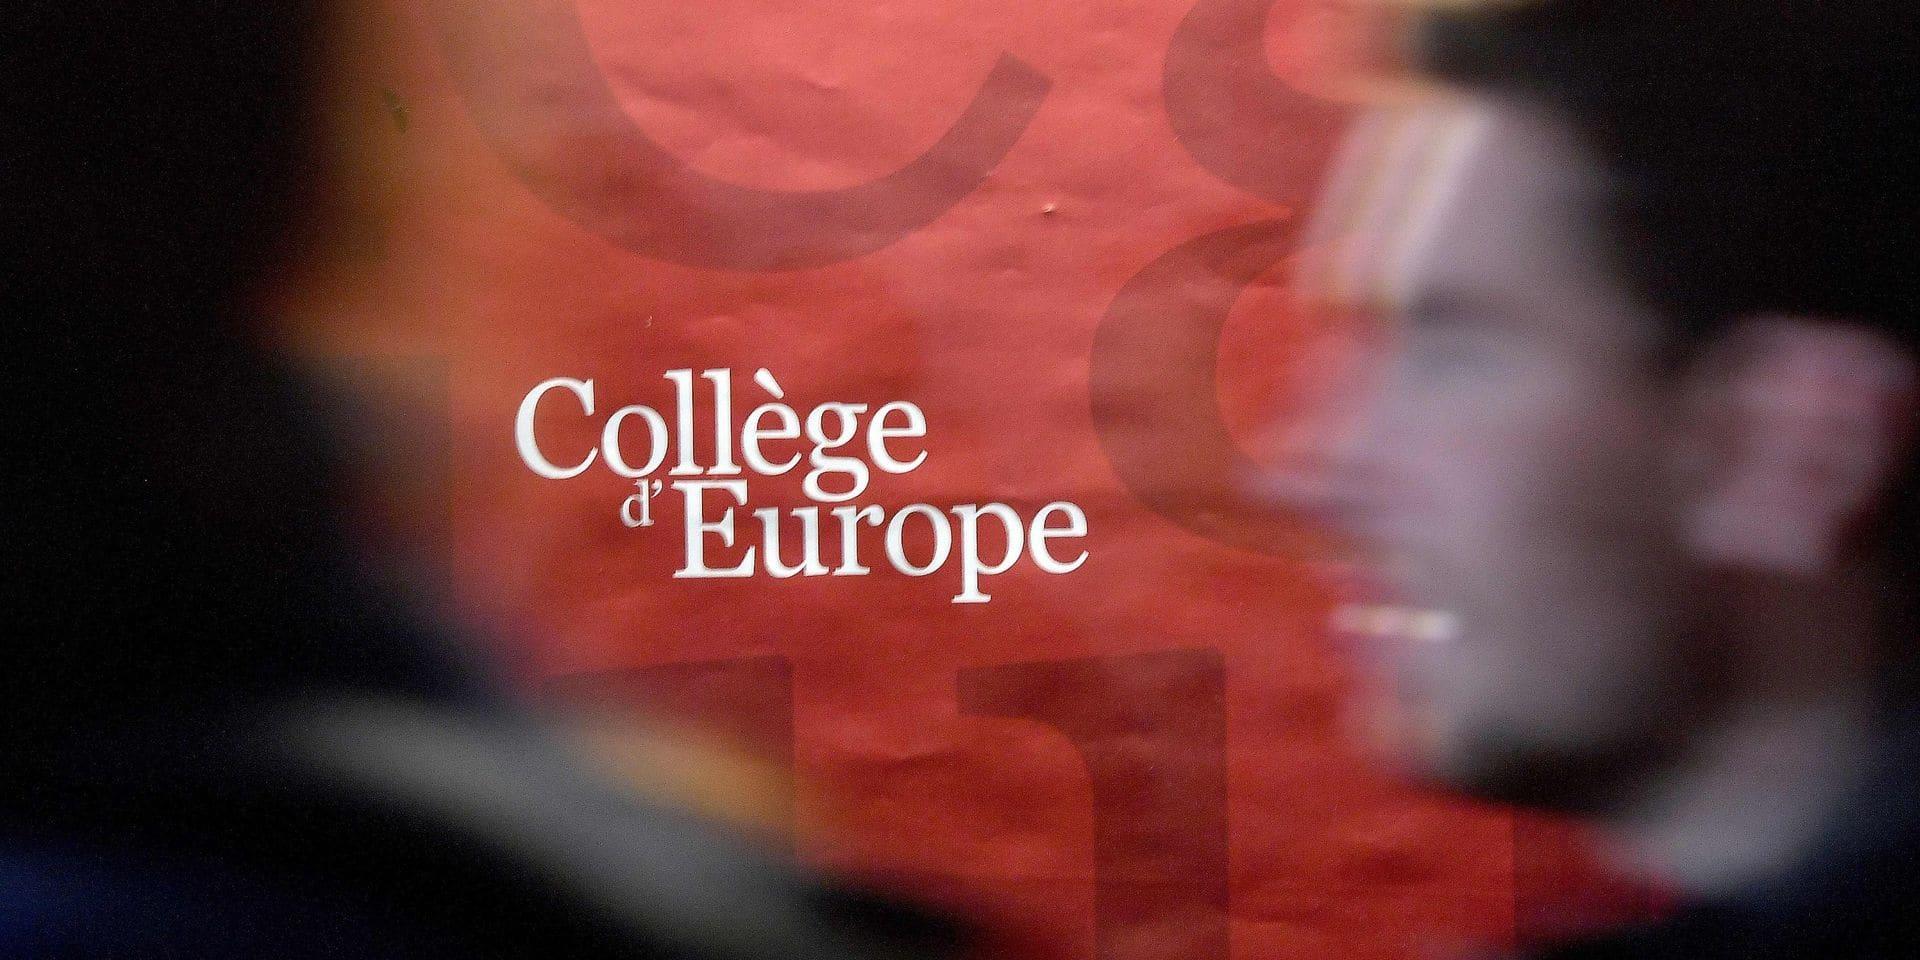 """Plus de 100 élèves du Collège de l'Europe organisent une fête qui dérape: """"Inquiétant de la part d'étudiants qui occuperont un jour les plus hautes fonctions politiques européennes"""""""